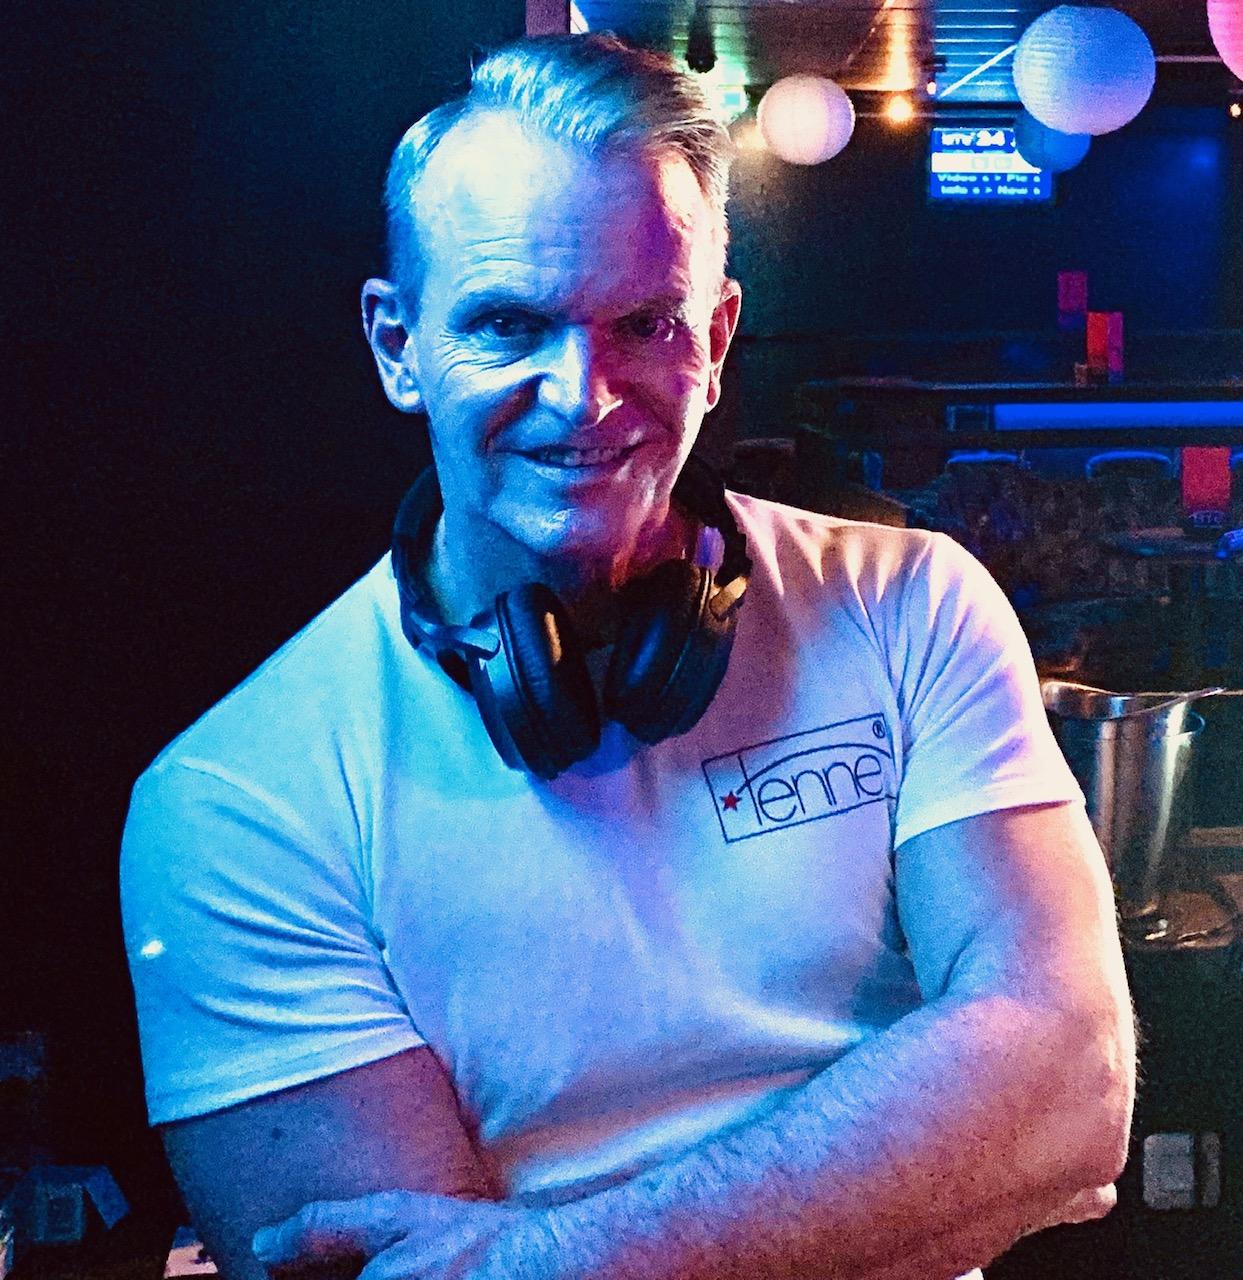 TENNE SAARBURG DJ PATRICK WILBOIS